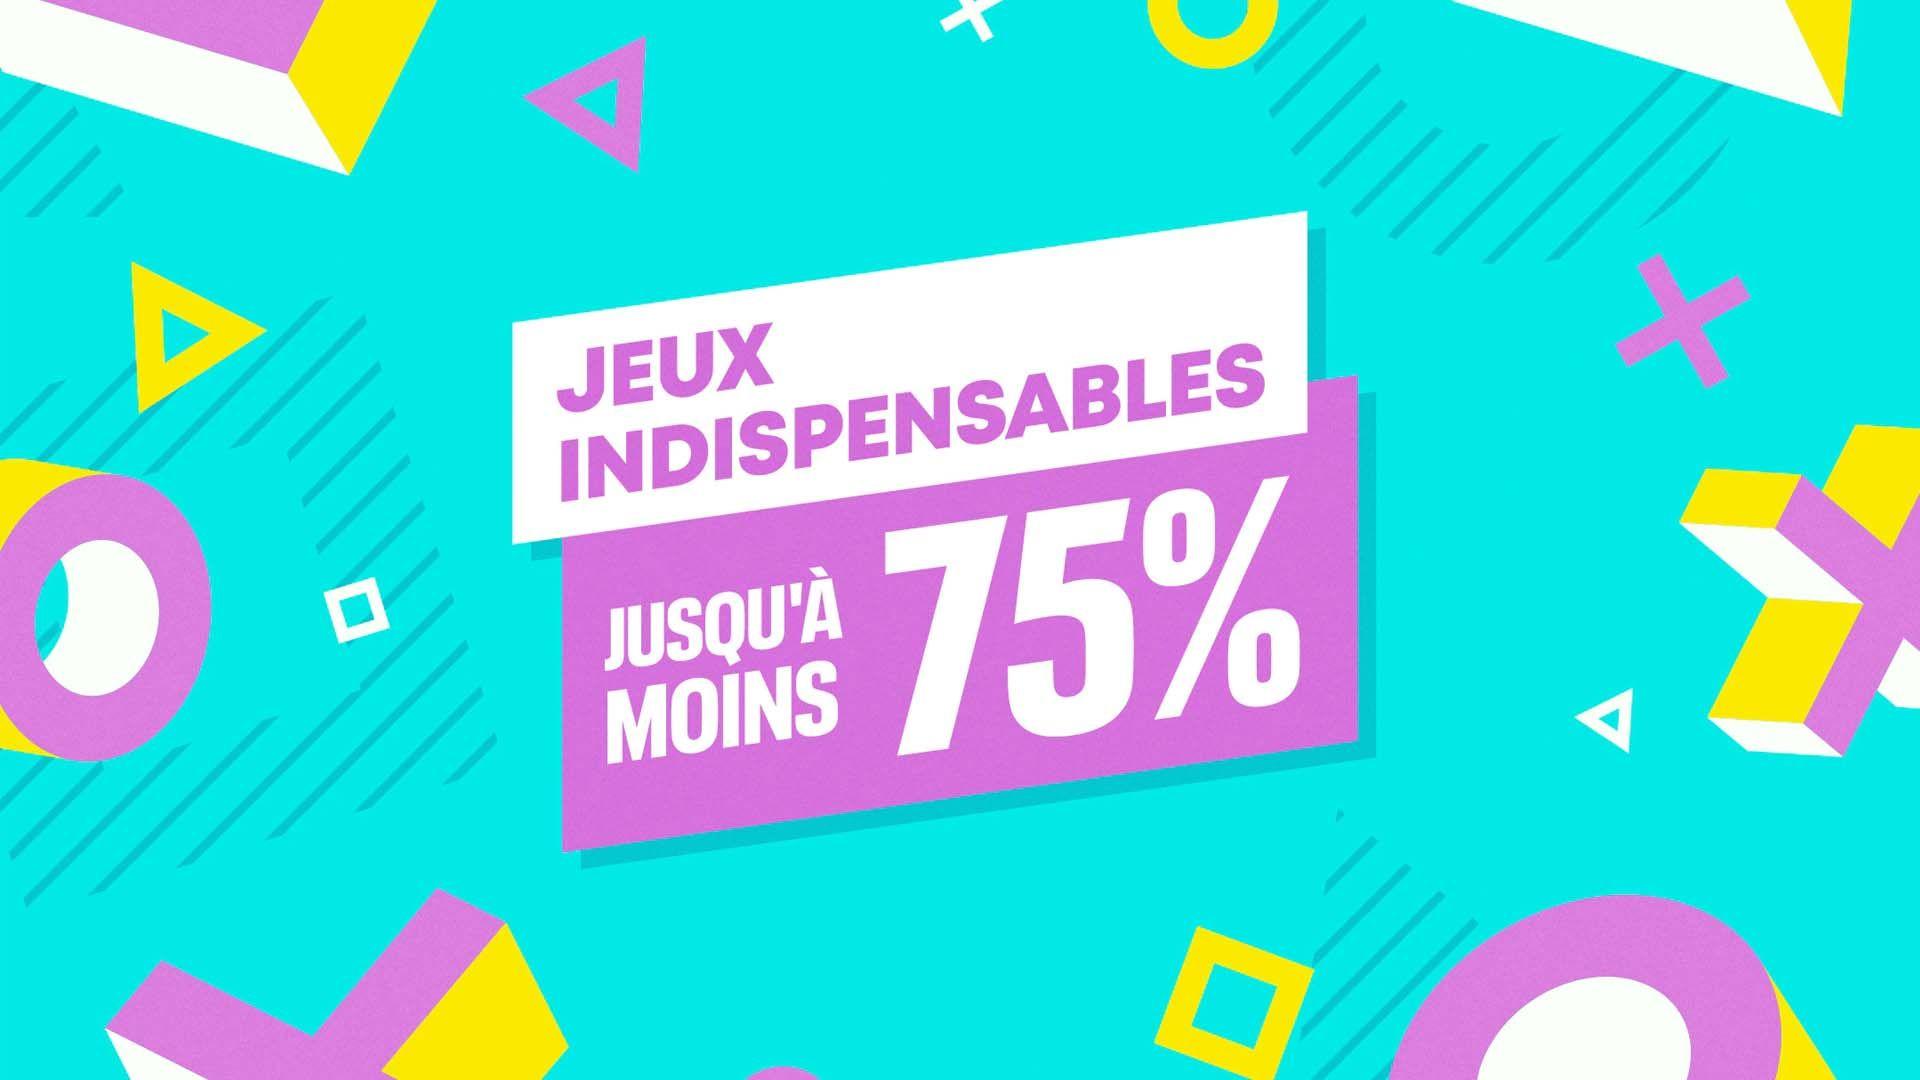 Les Jeux indispensables : Jusqu'à moins 75% !